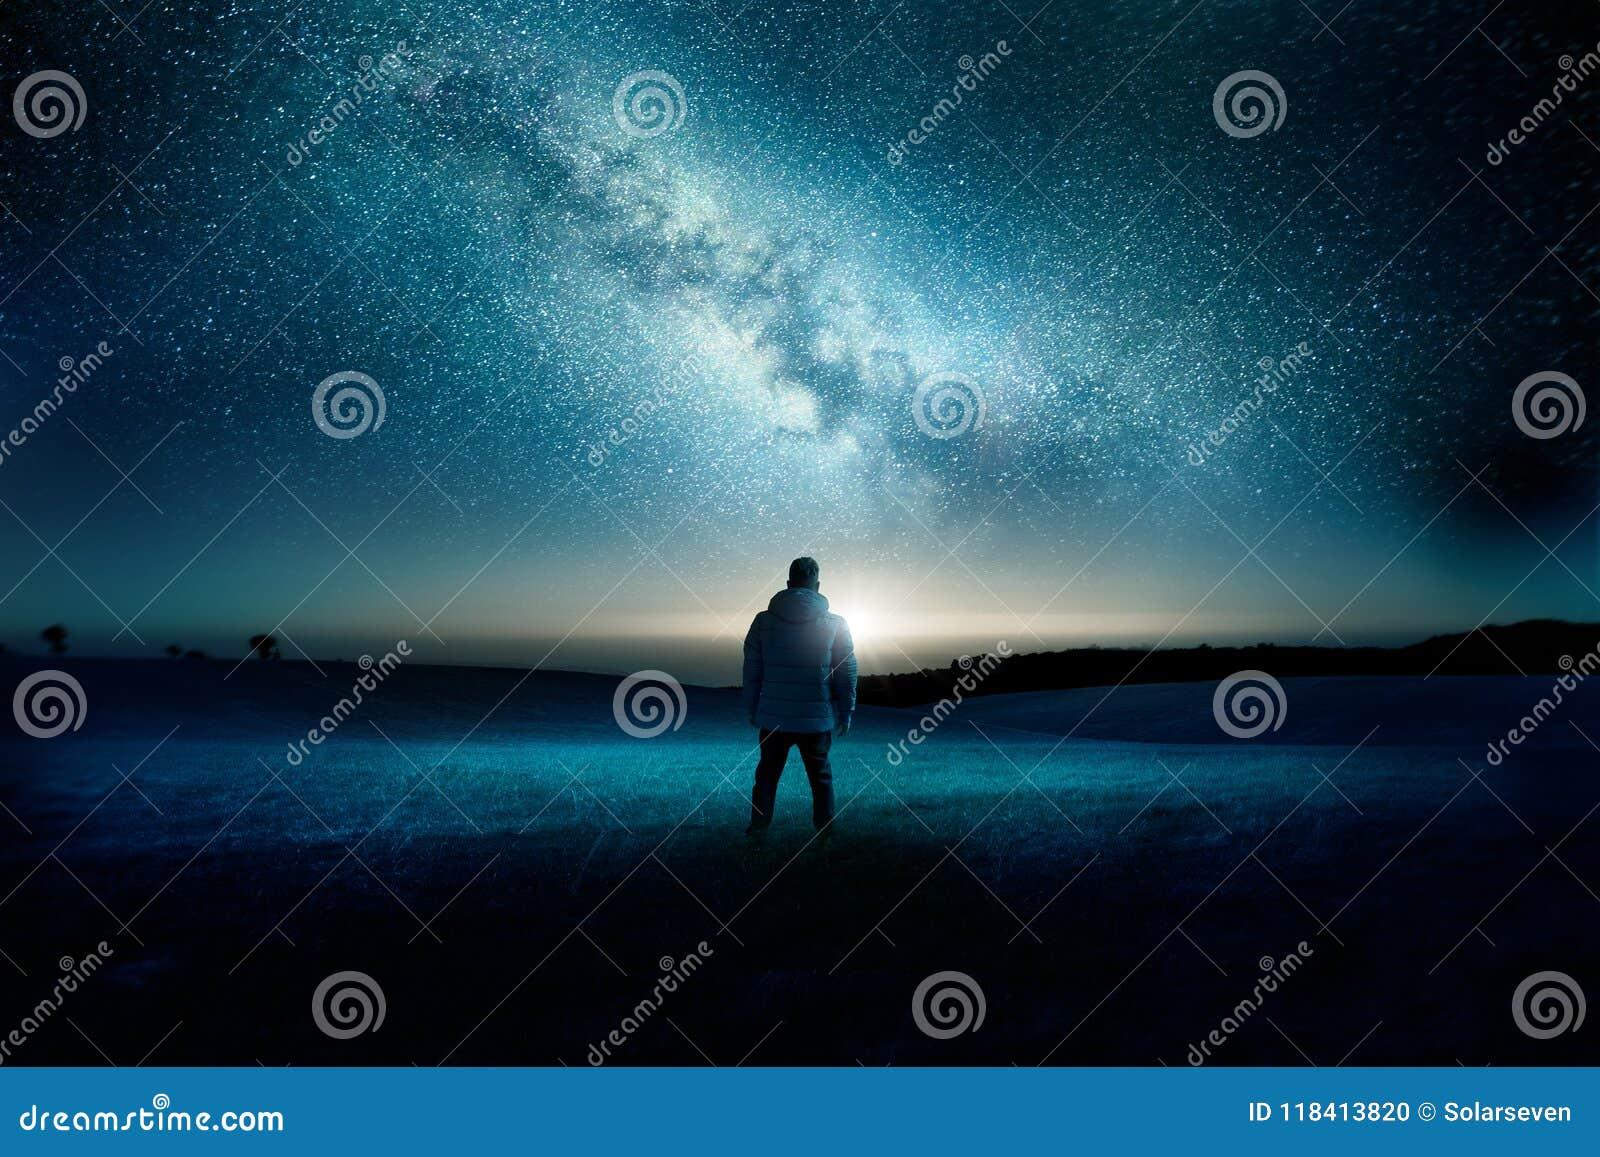 Paysage de nuit de galaxie de manière laiteuse